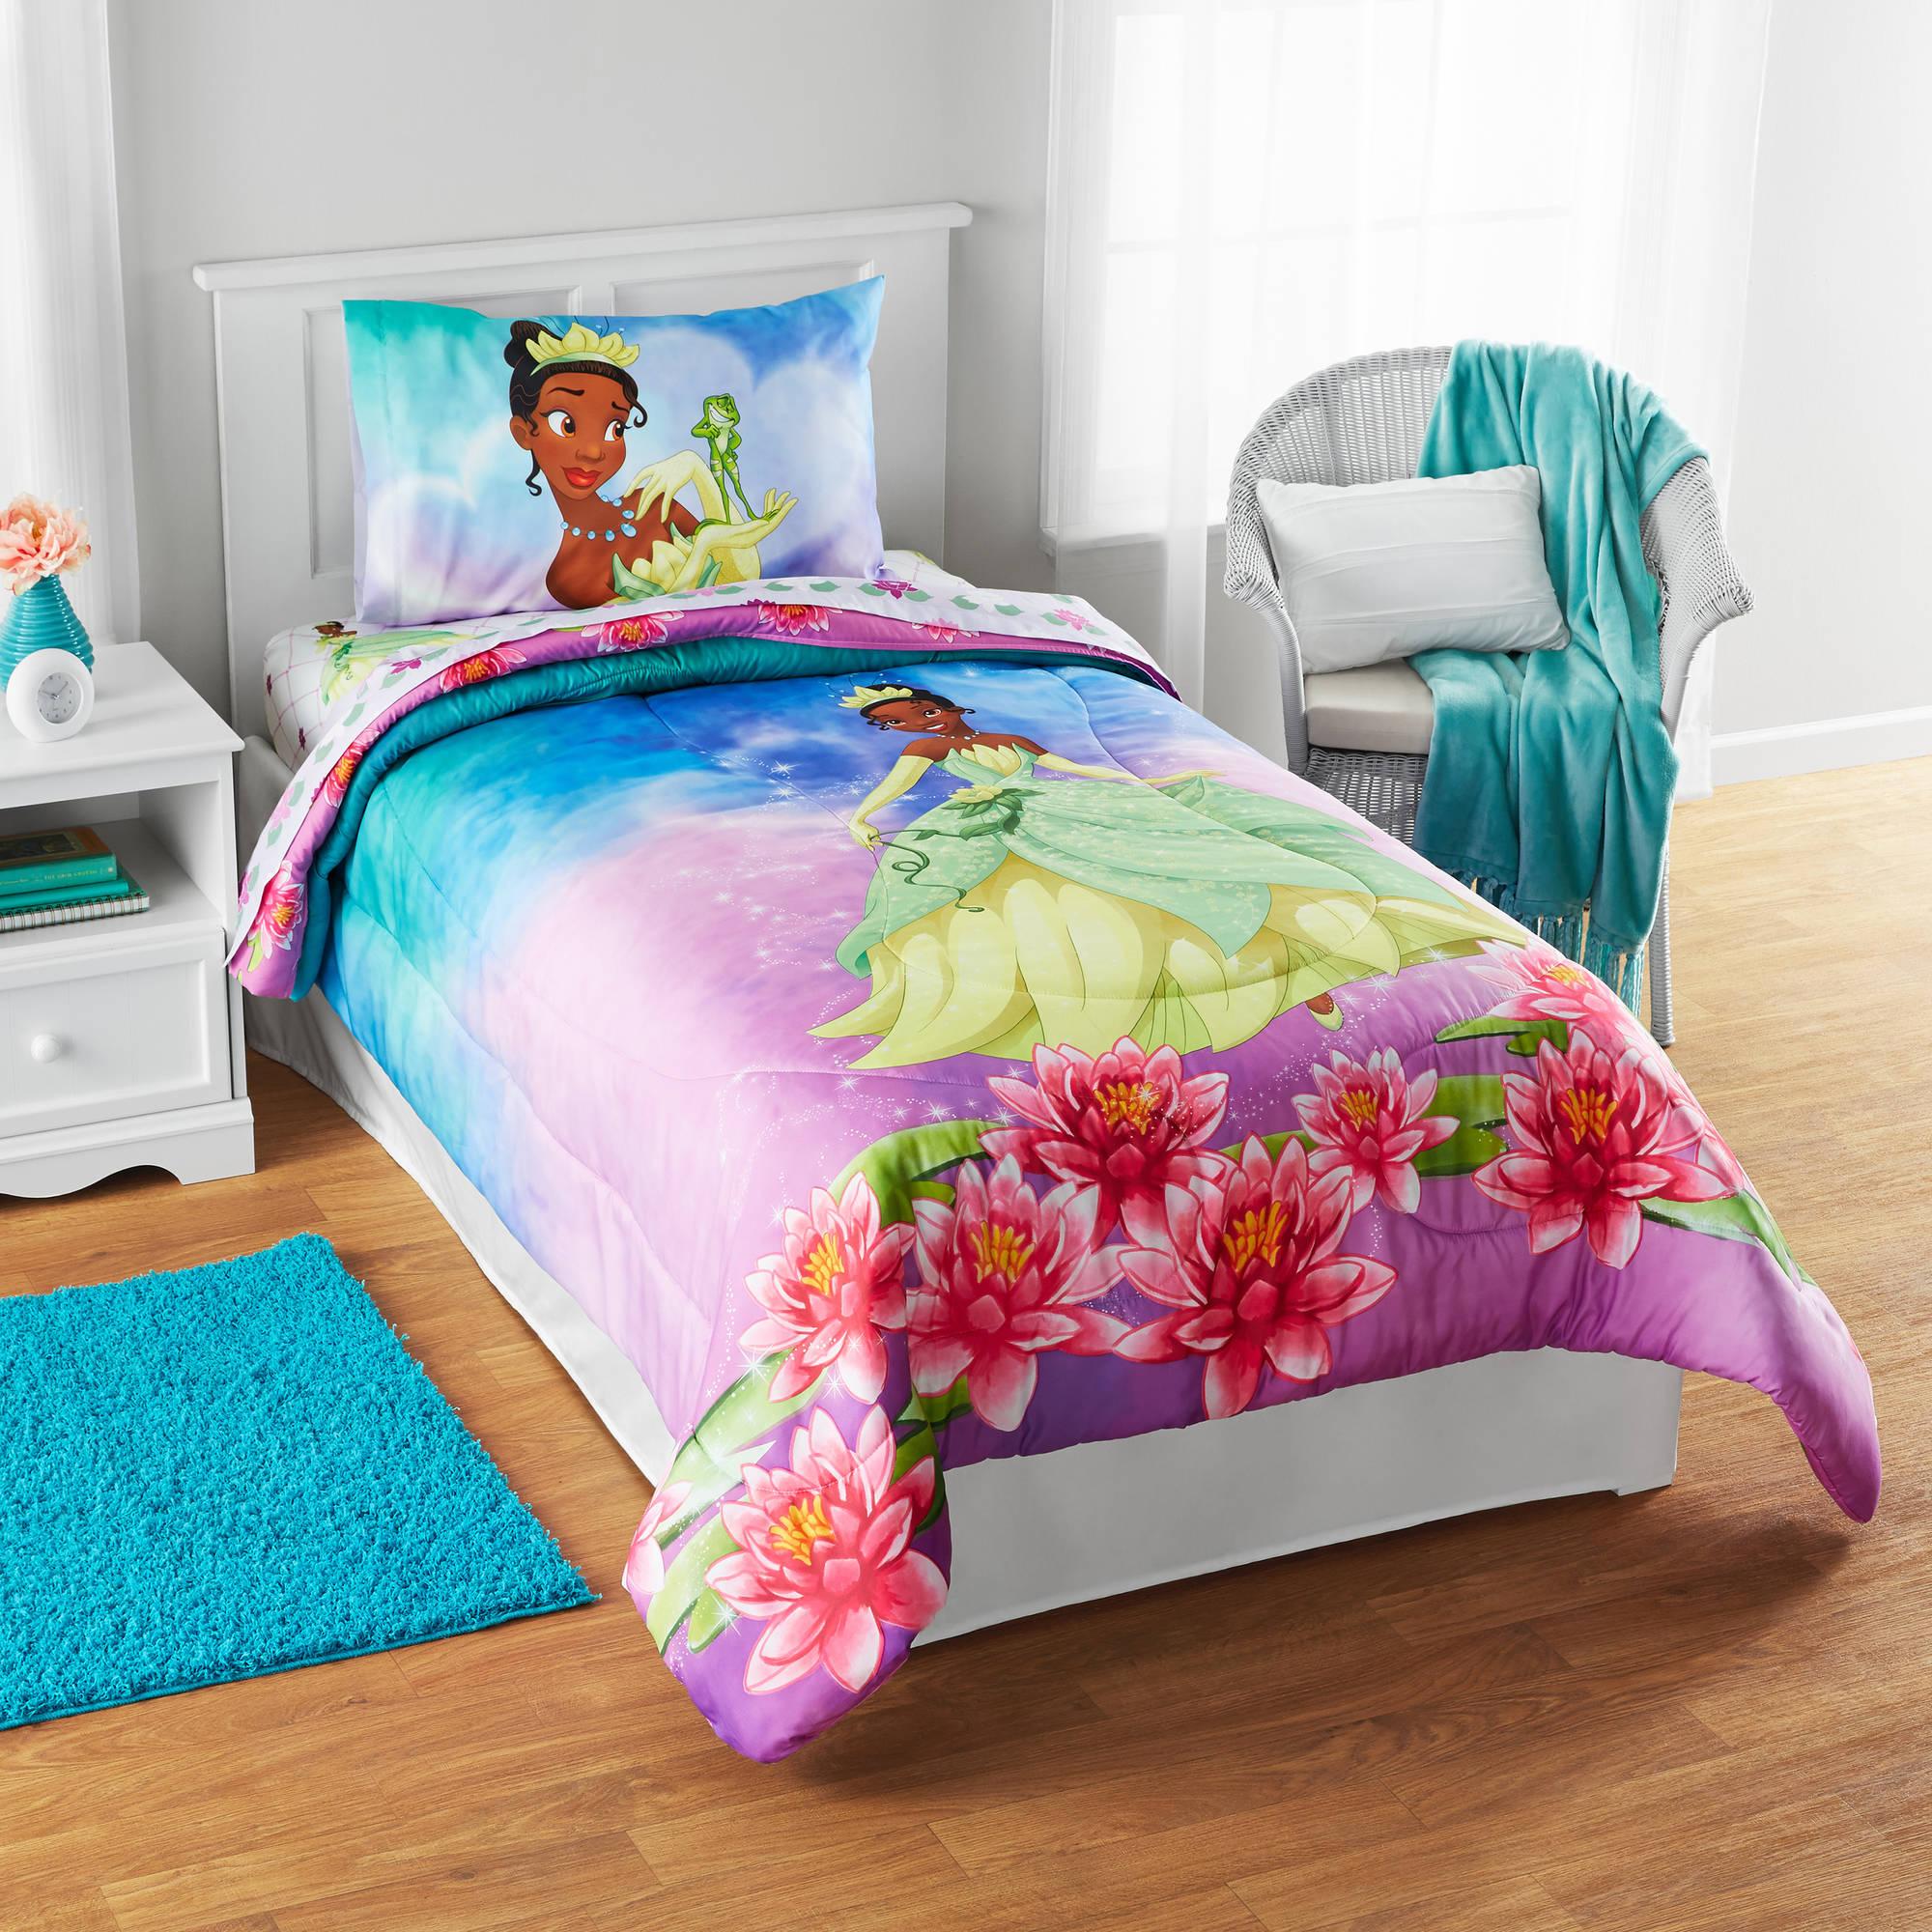 Disney Tiana Quot Tiana Dreams Quot Reversible Twin Full Bedding